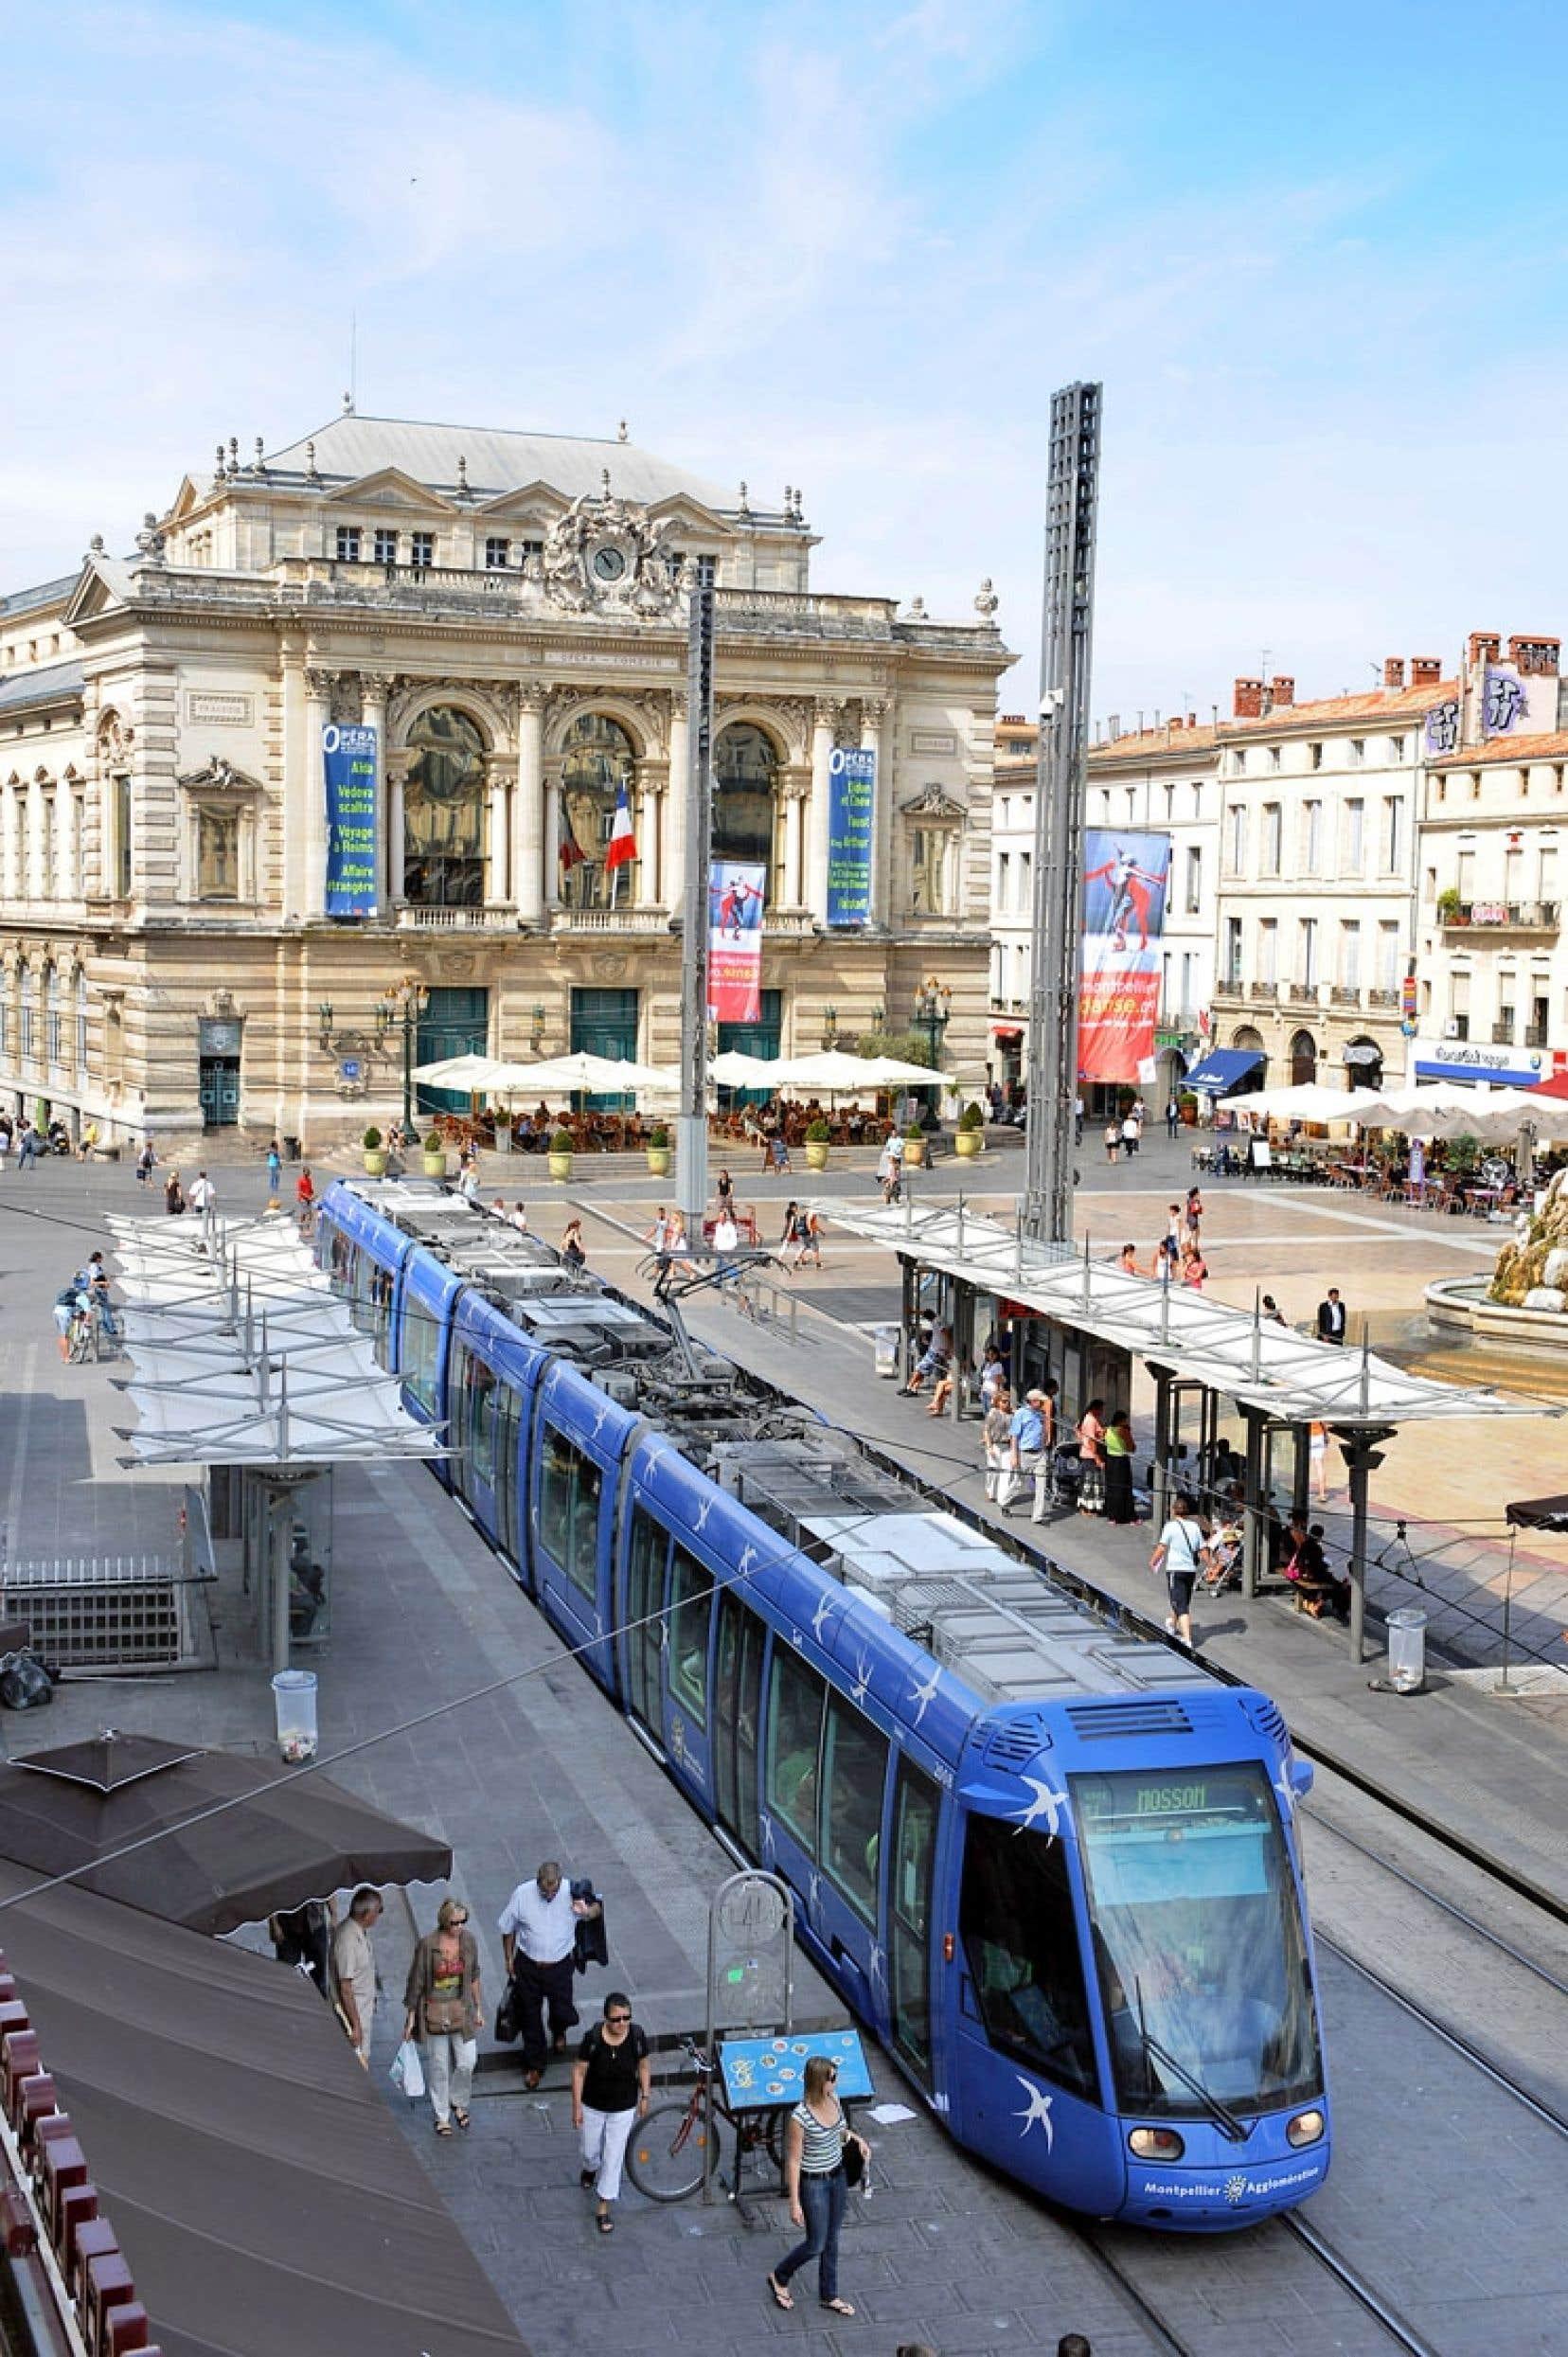 La ville de Montpellier, dans le sud de la France, est présentée comme l'un des modèles en matière d'exploitation de réseaux intelligents.